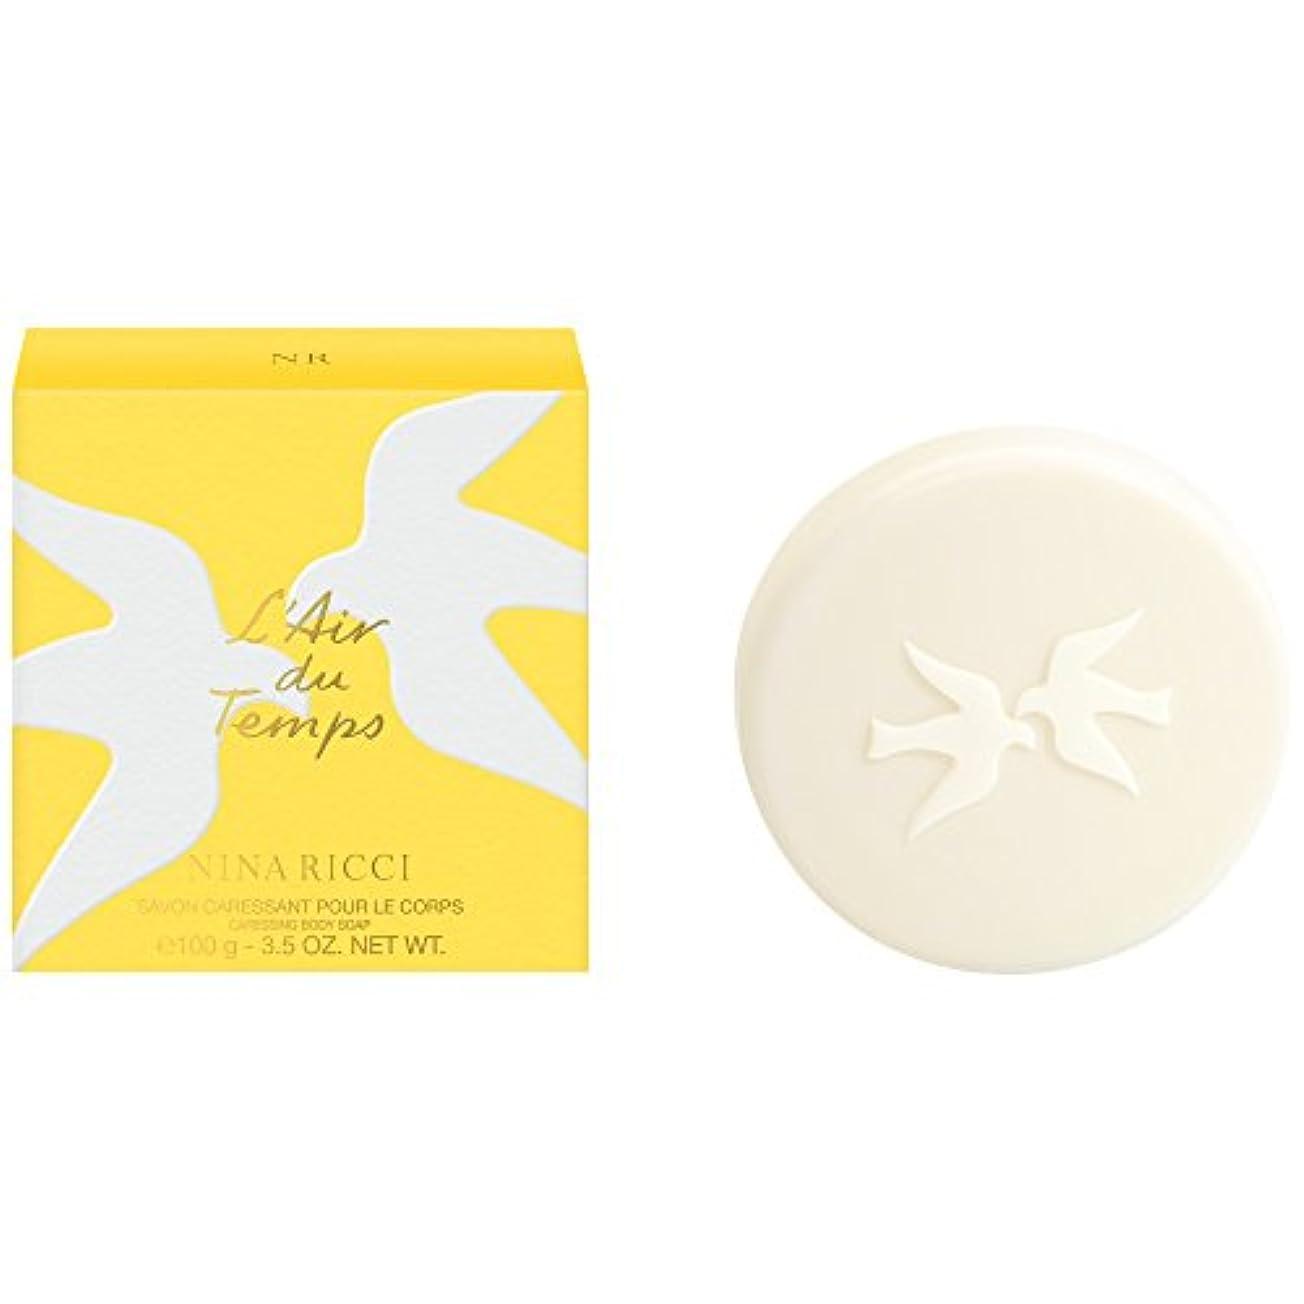 舞い上がる私たち観客ニナリッチL'空気デュは石鹸の100グラムをタン (Nina Ricci) (x2) - Nina Ricci L'Air du Temps Soap 100g (Pack of 2) [並行輸入品]